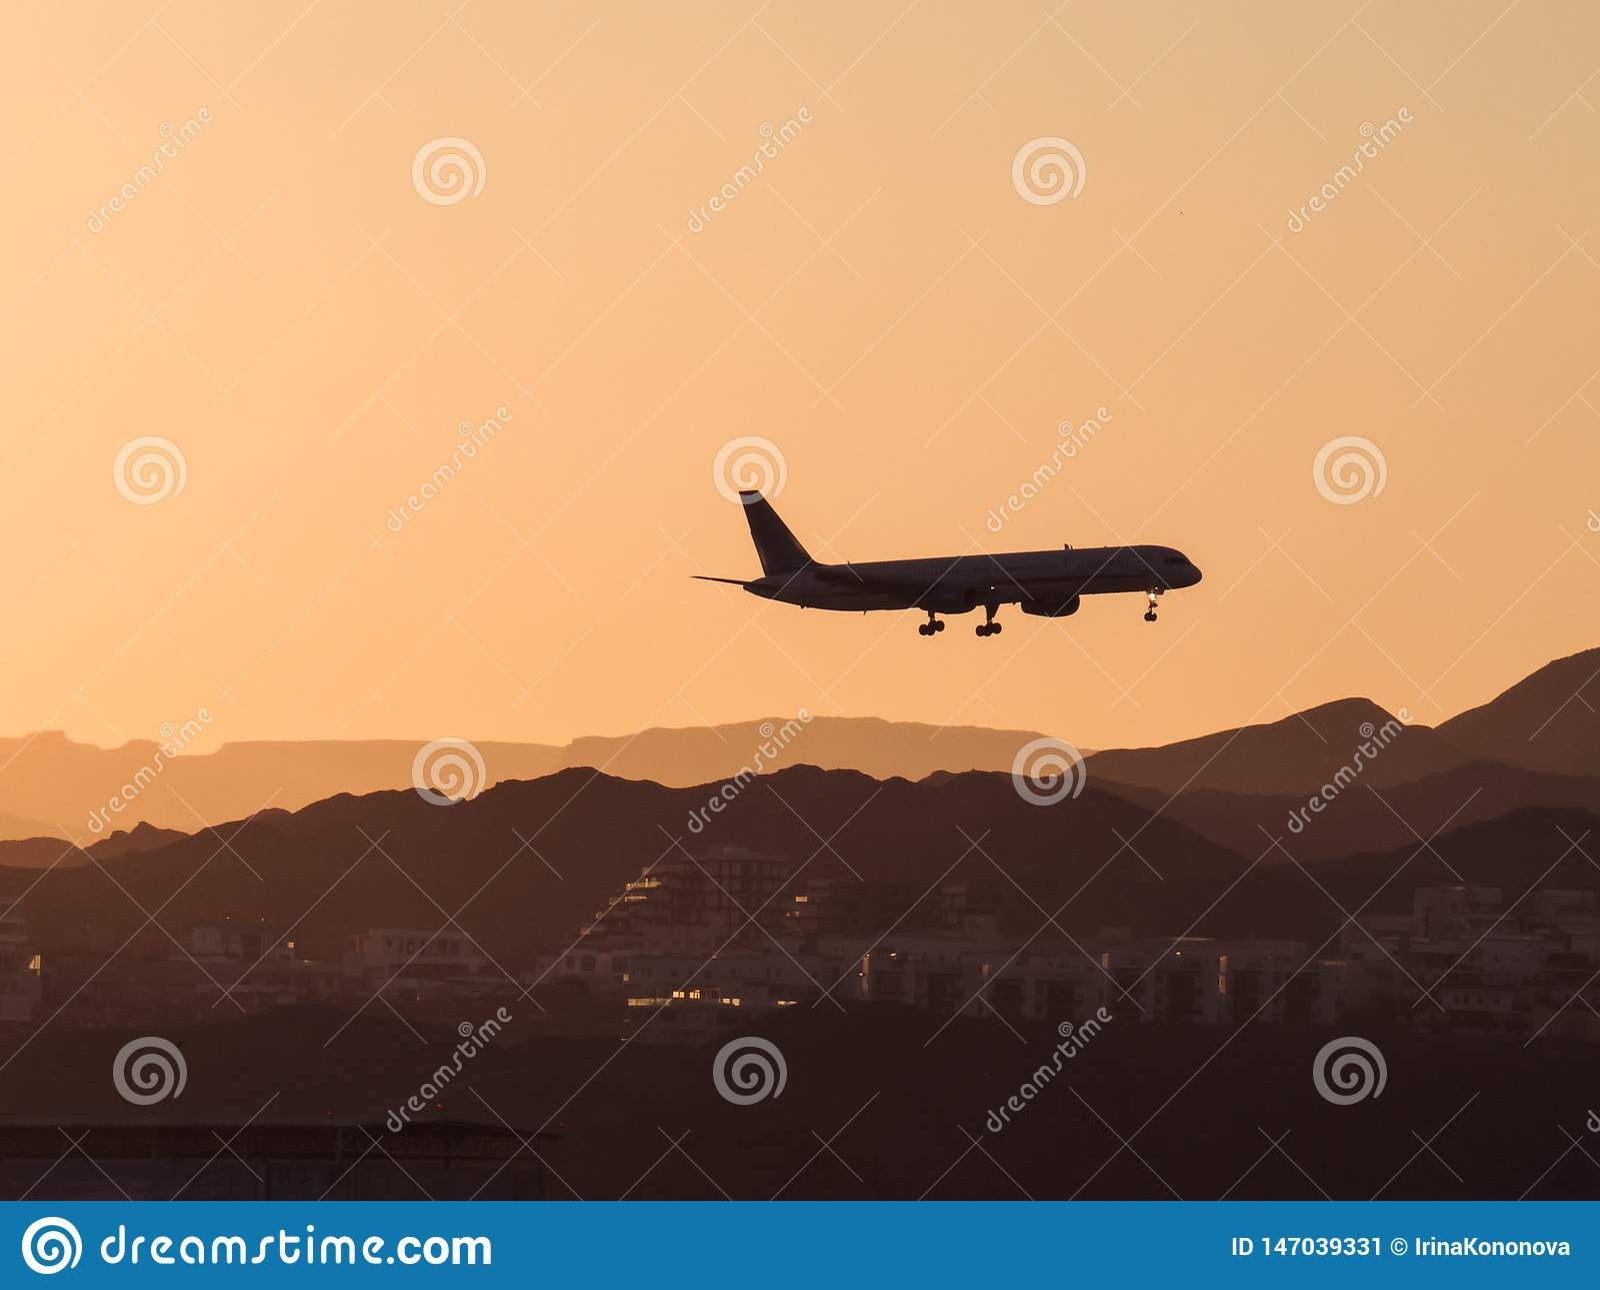 Siluetta di un minimo volante piano sopra la città e le montagne al tramonto